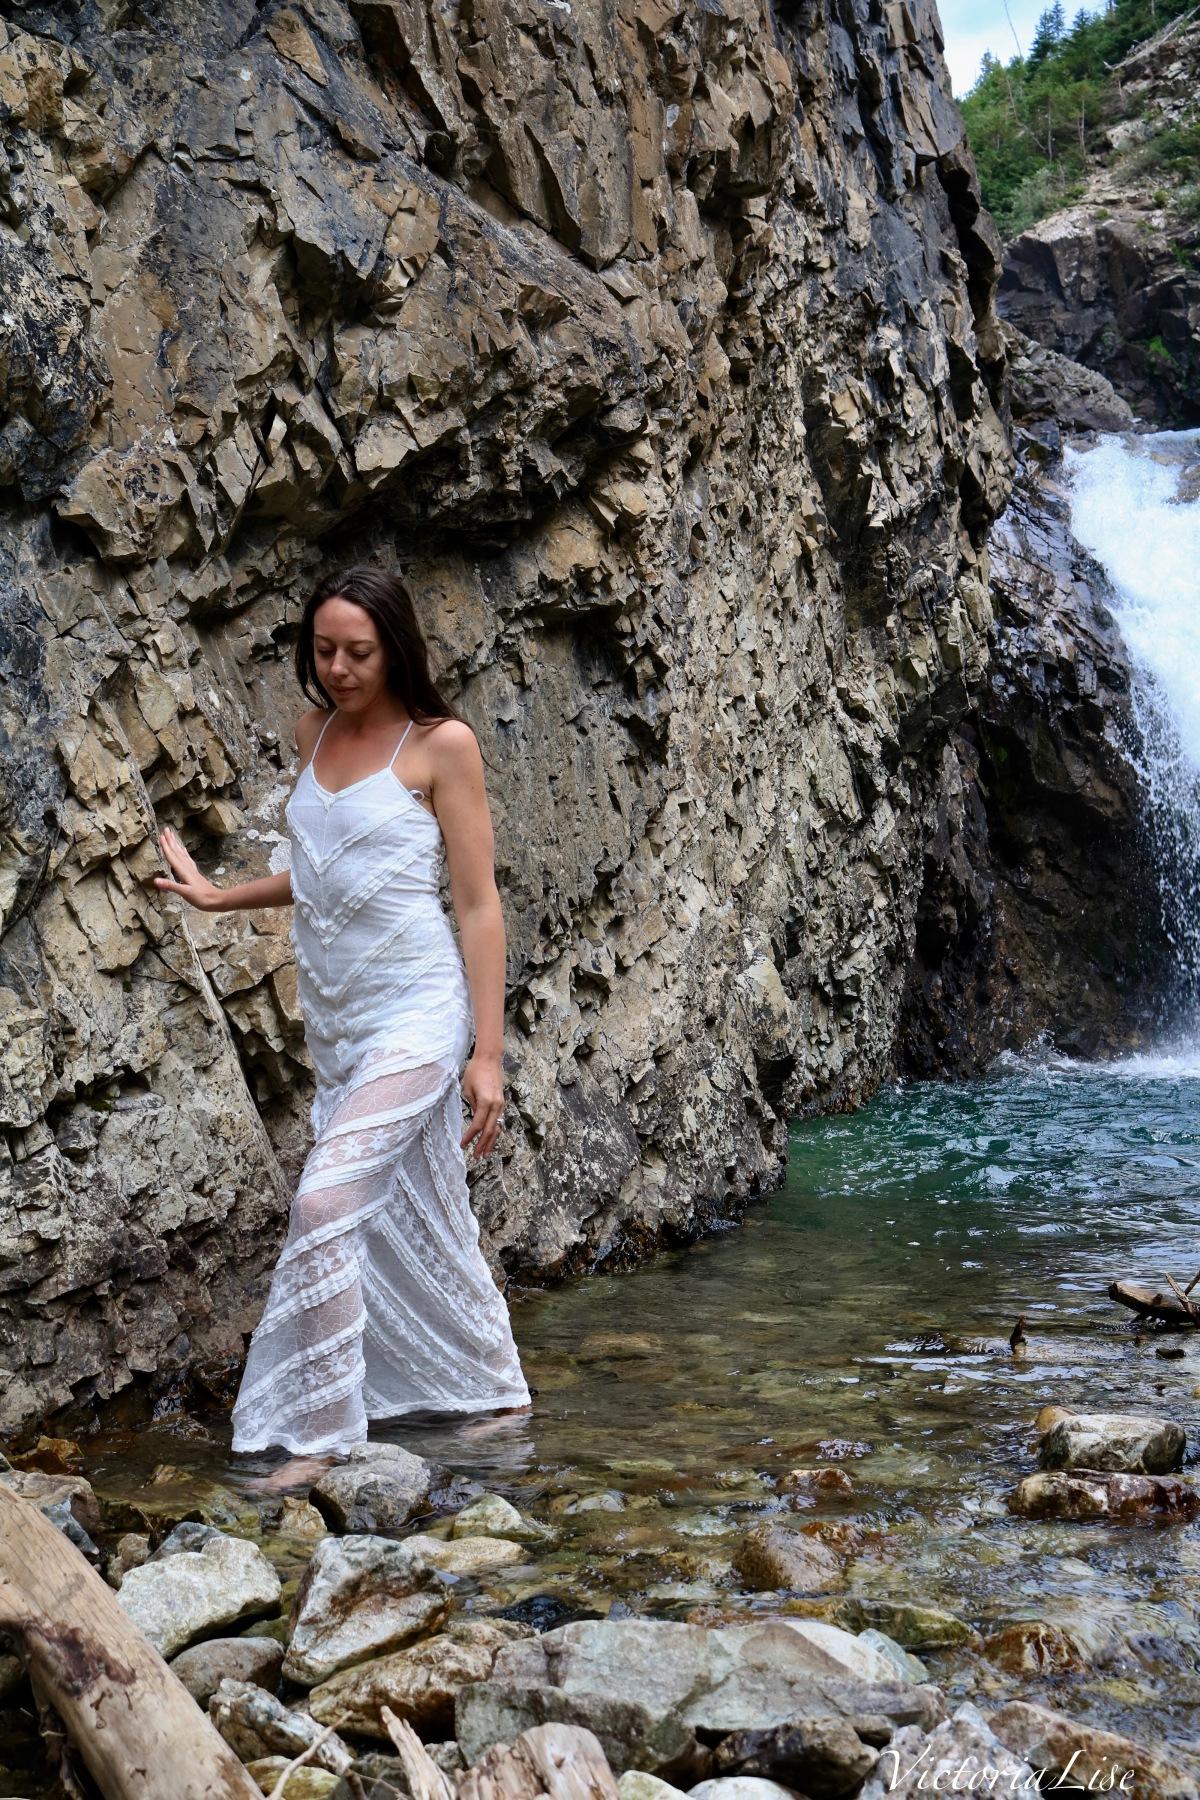 Victoria Lise walks in alpine water wearing lace dress